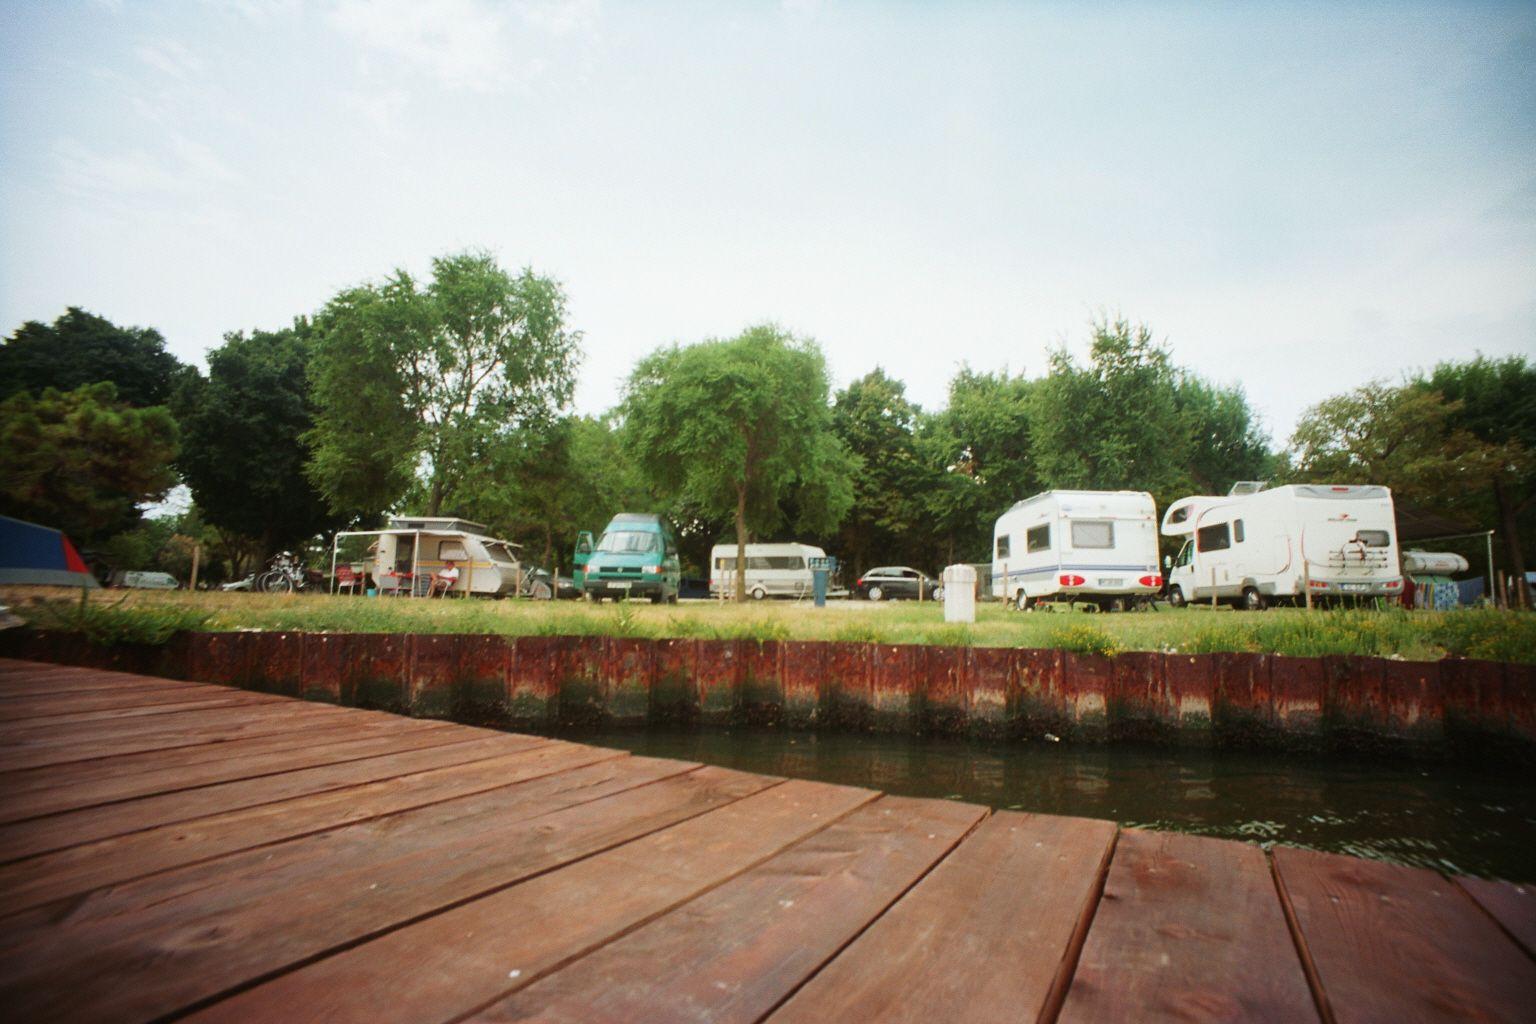 Stella war mehrere Wochen mit Zelt in Europa auf Reisen und präsentiert hier auf dem Reiseblog, die drei schönsten Campingplätze in Europa.